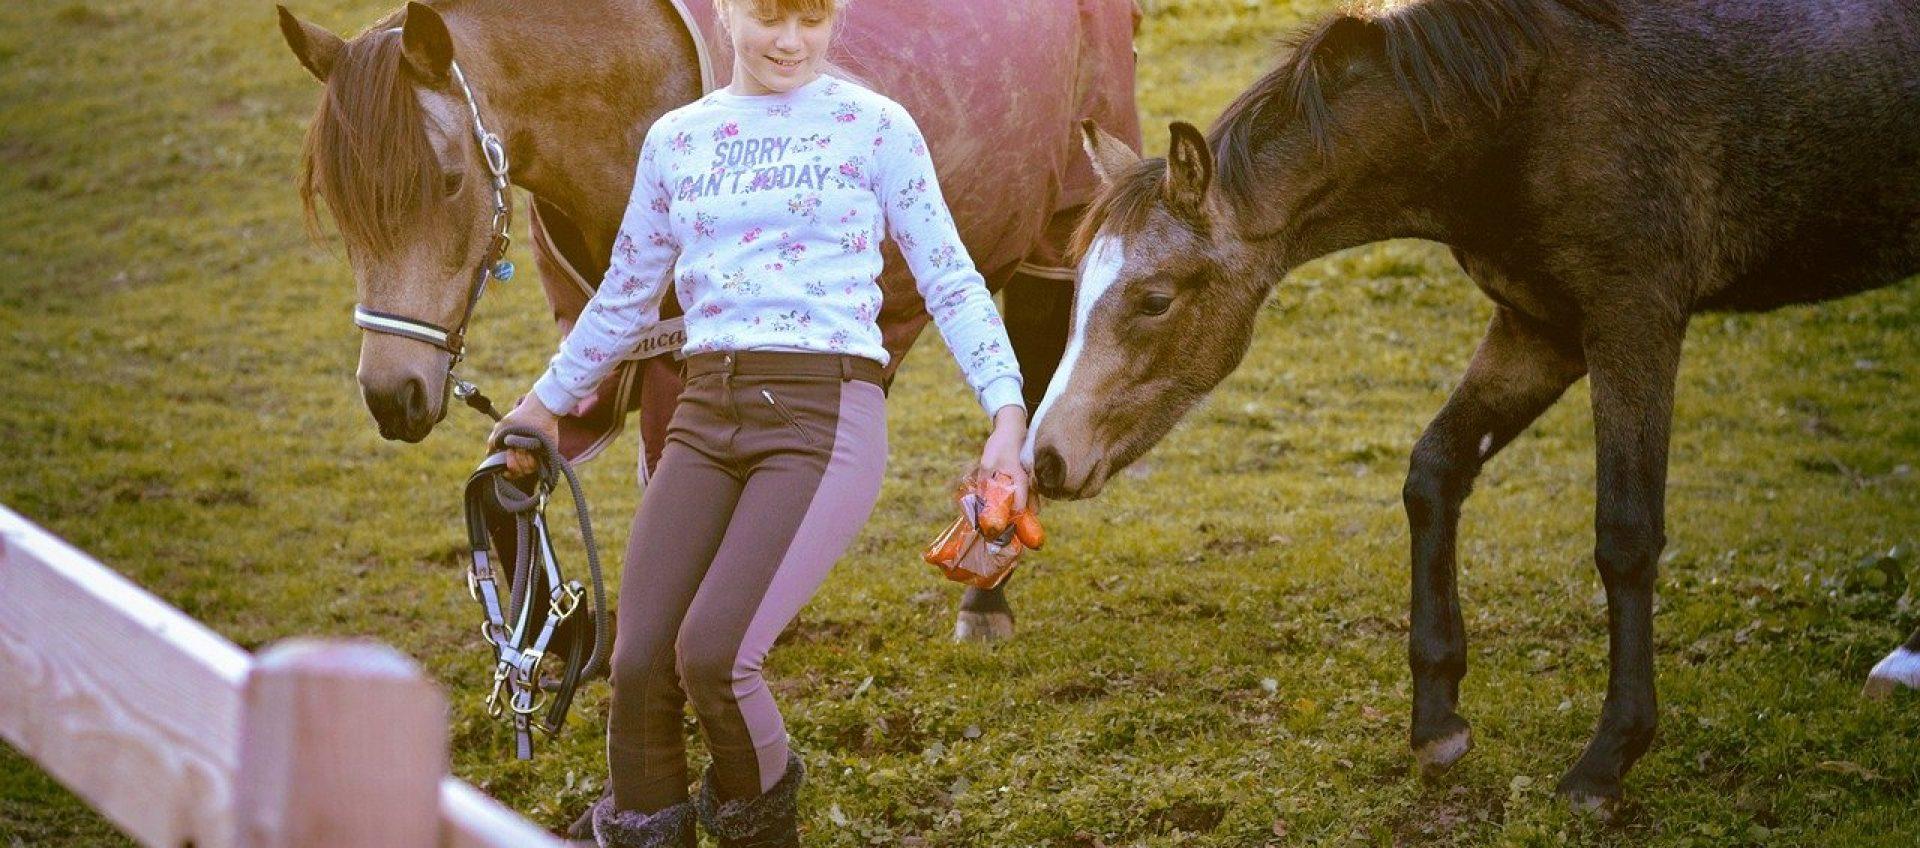 escursioni_cavallo